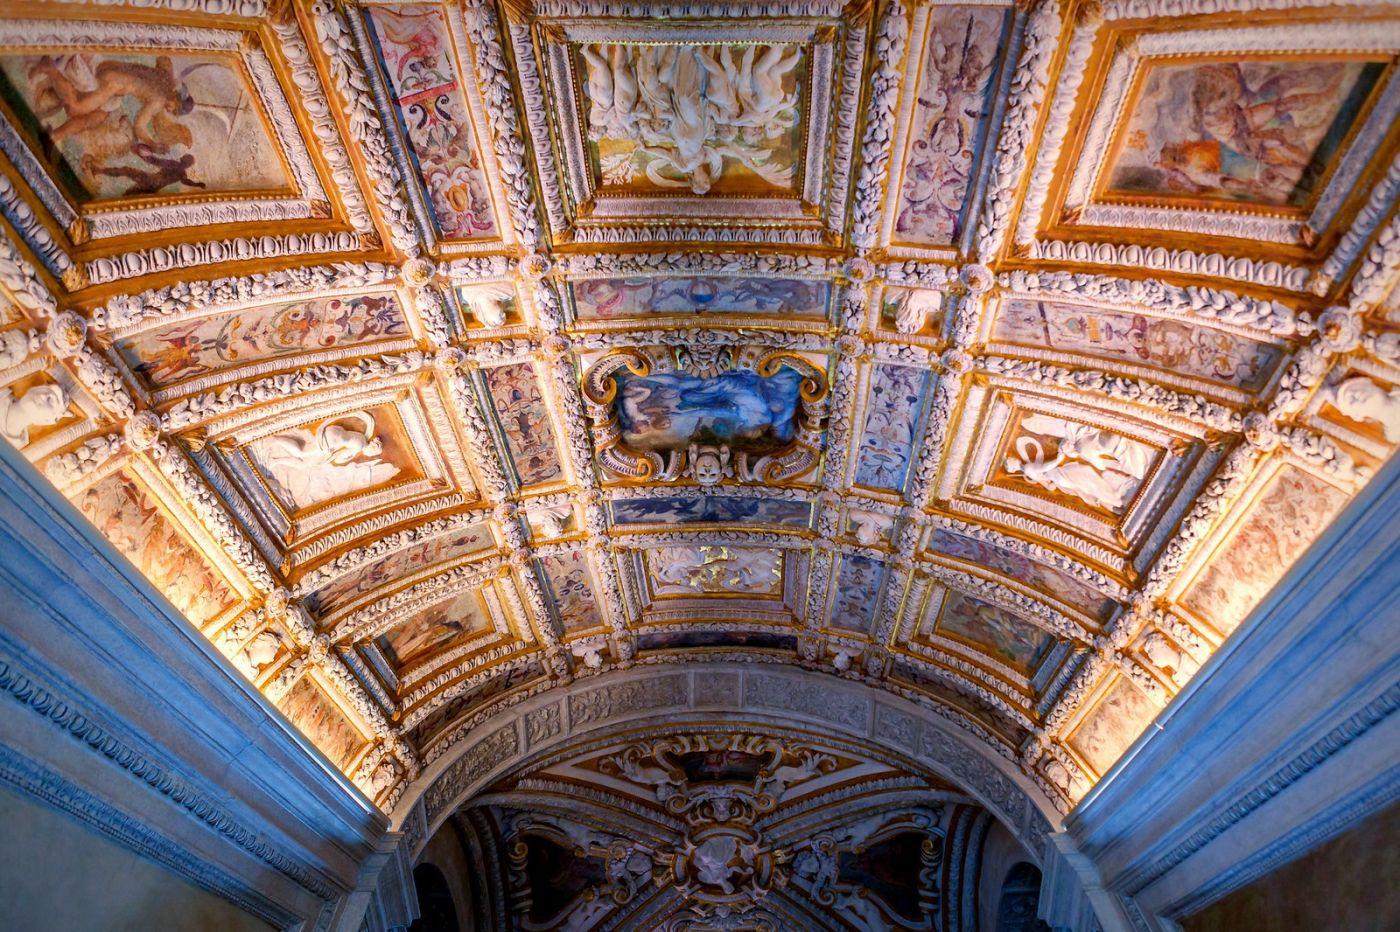 威尼斯圣马可大教堂(St Mark's Basilica), 精雕细琢的顶设_图1-39